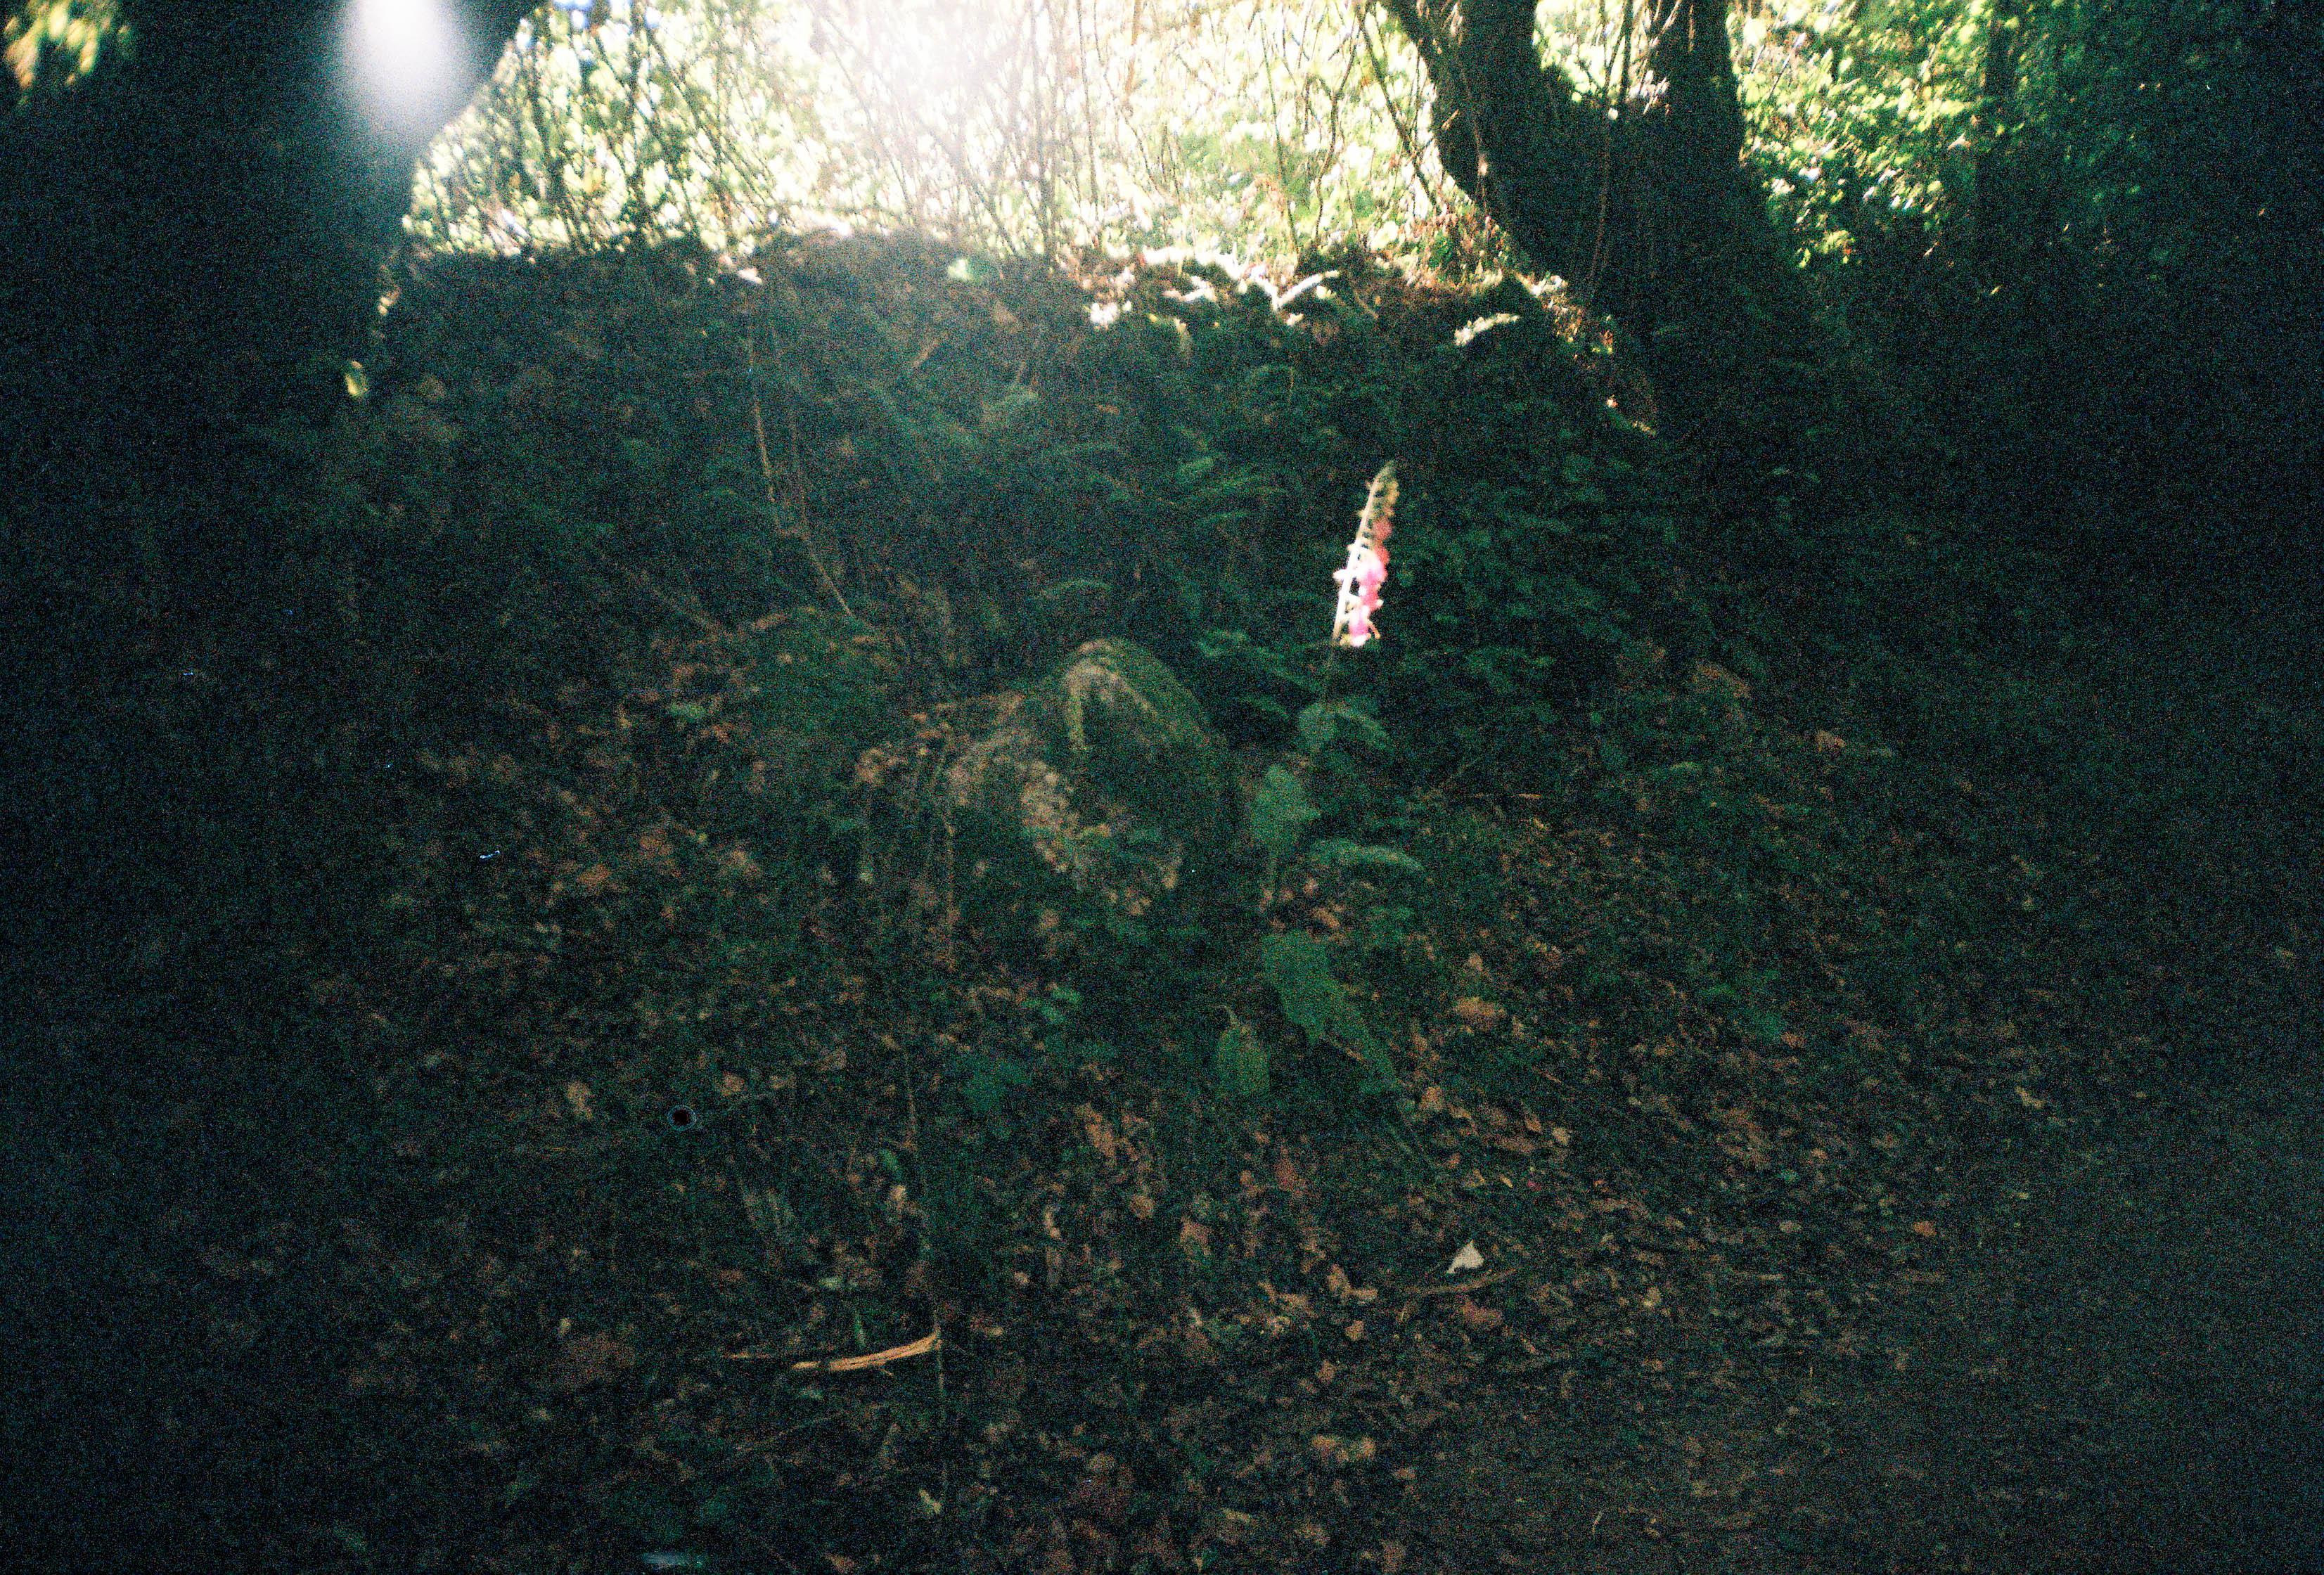 http://lafilladelfotografu.irenavisa.com/files/gimgs/97_f1000001-1_v2.jpg